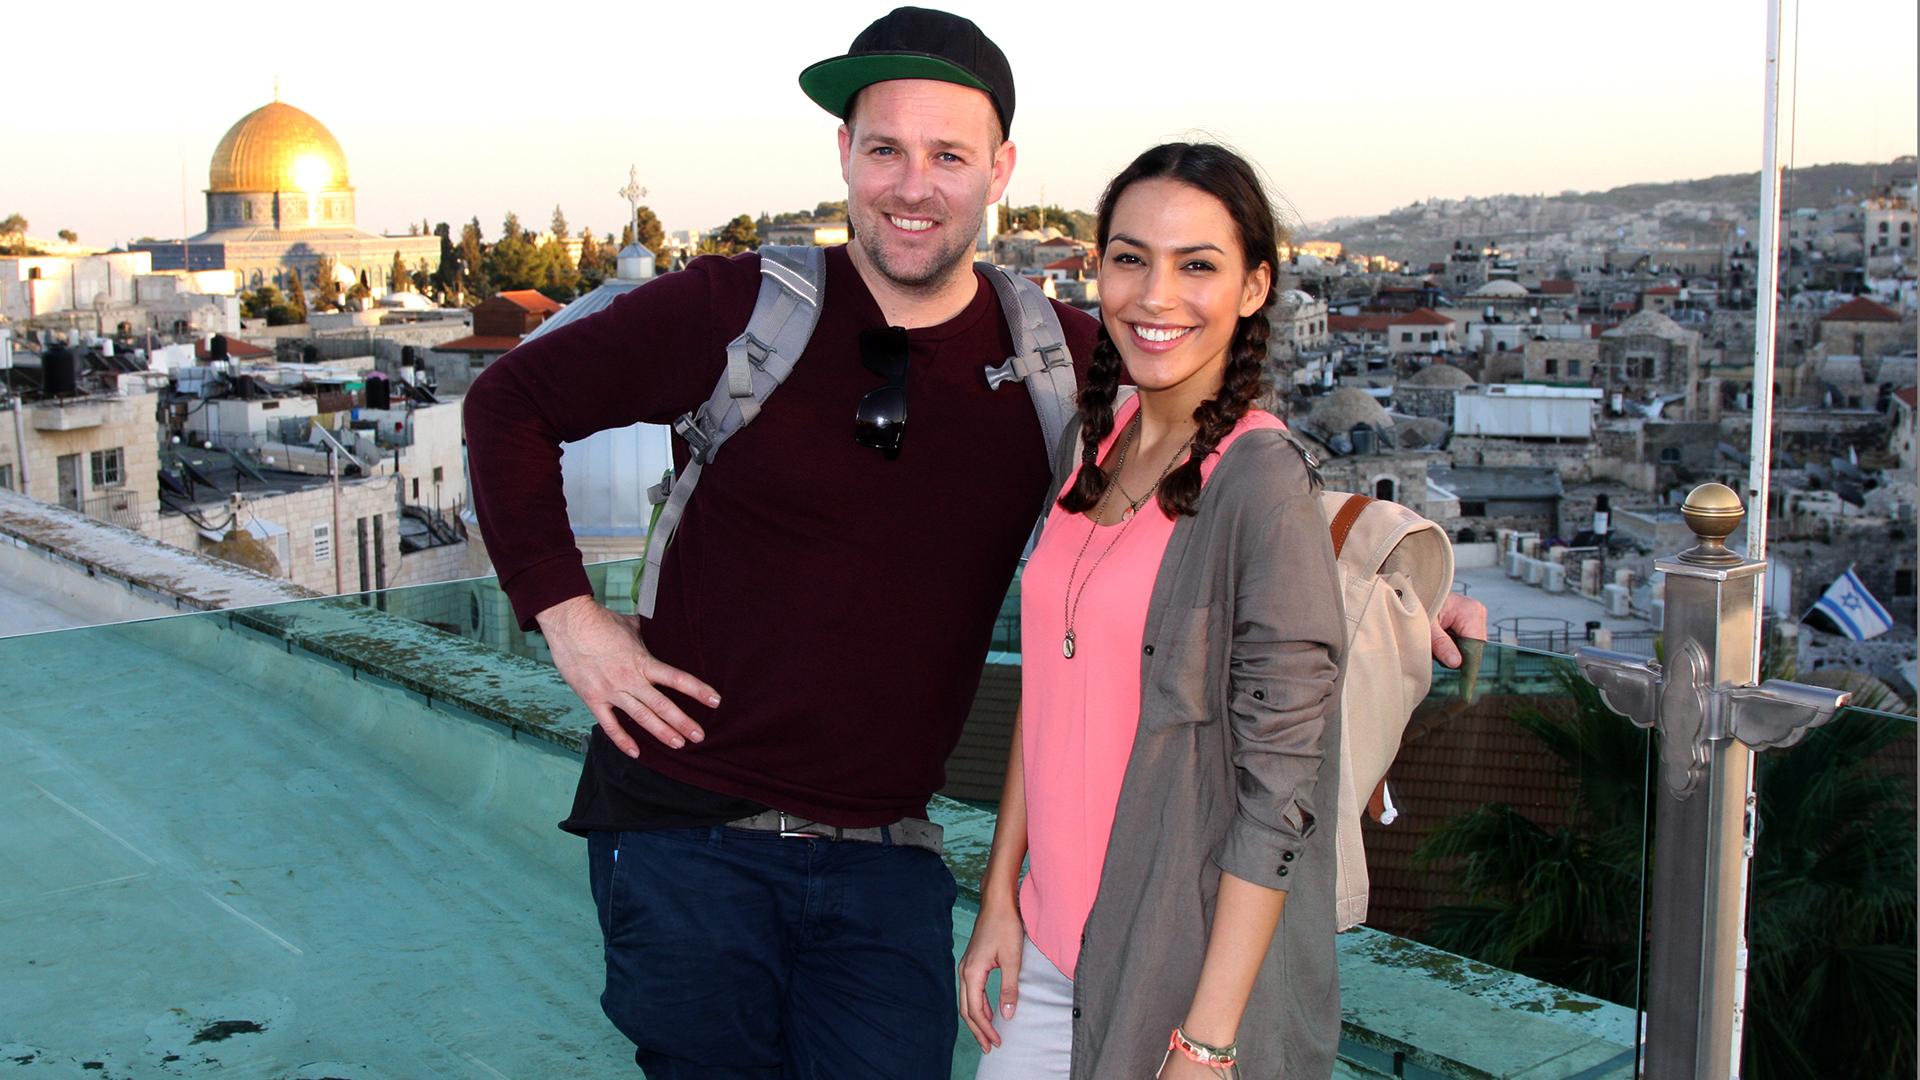 """Auf der Suche nach dem echten Christentum reisten die Kika-Moderatoren Amy und Ben für ihre Sendung """"Schnitzeljagd – Mit Christus um die Welt"""" in weit entfernte Länder"""